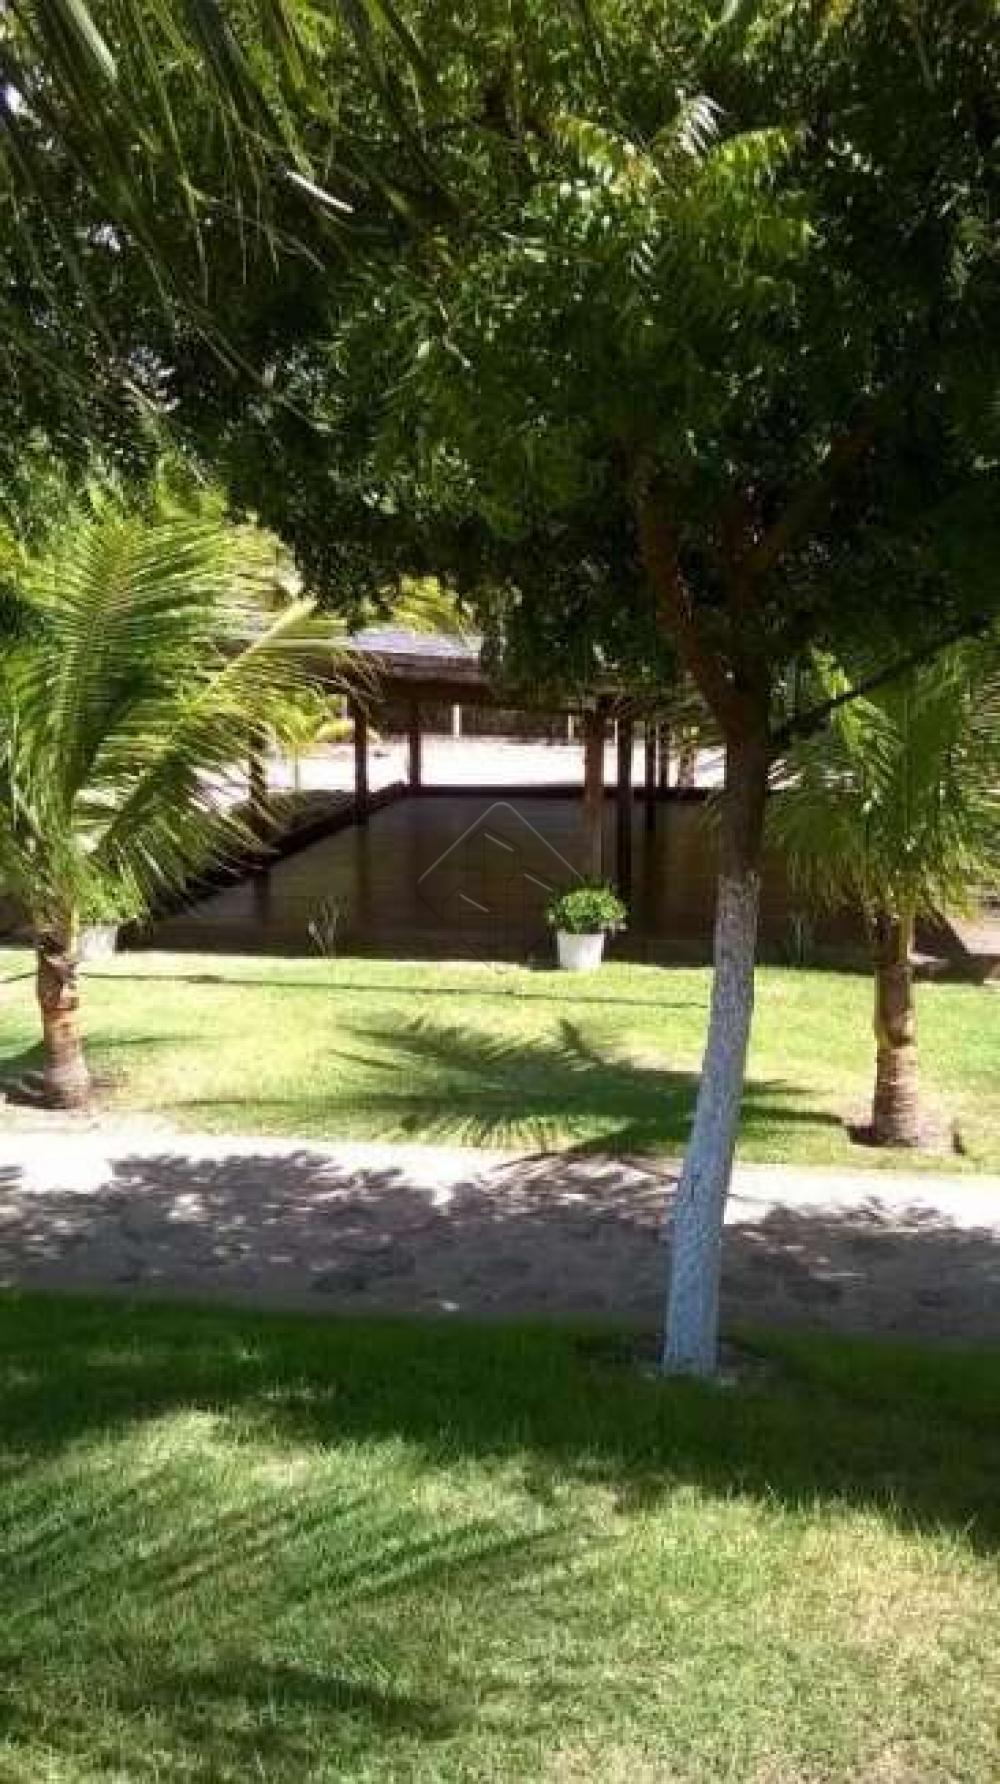 Excelente lote na posição sul e bem próximo a área de lazer.  Condomínio possui:  - Área de lazer completa com piscina,  - Salão de festas,  - Academia,  - Playground,  - Quadra de tênis,  - Além da interação com a natureza através do pier para o rio.  AGENDE AGORA SUA VISITA TEIXEIRA DE CARVALHO IMOBILIÁRIA CRECI 304J - (83) 2106-4545